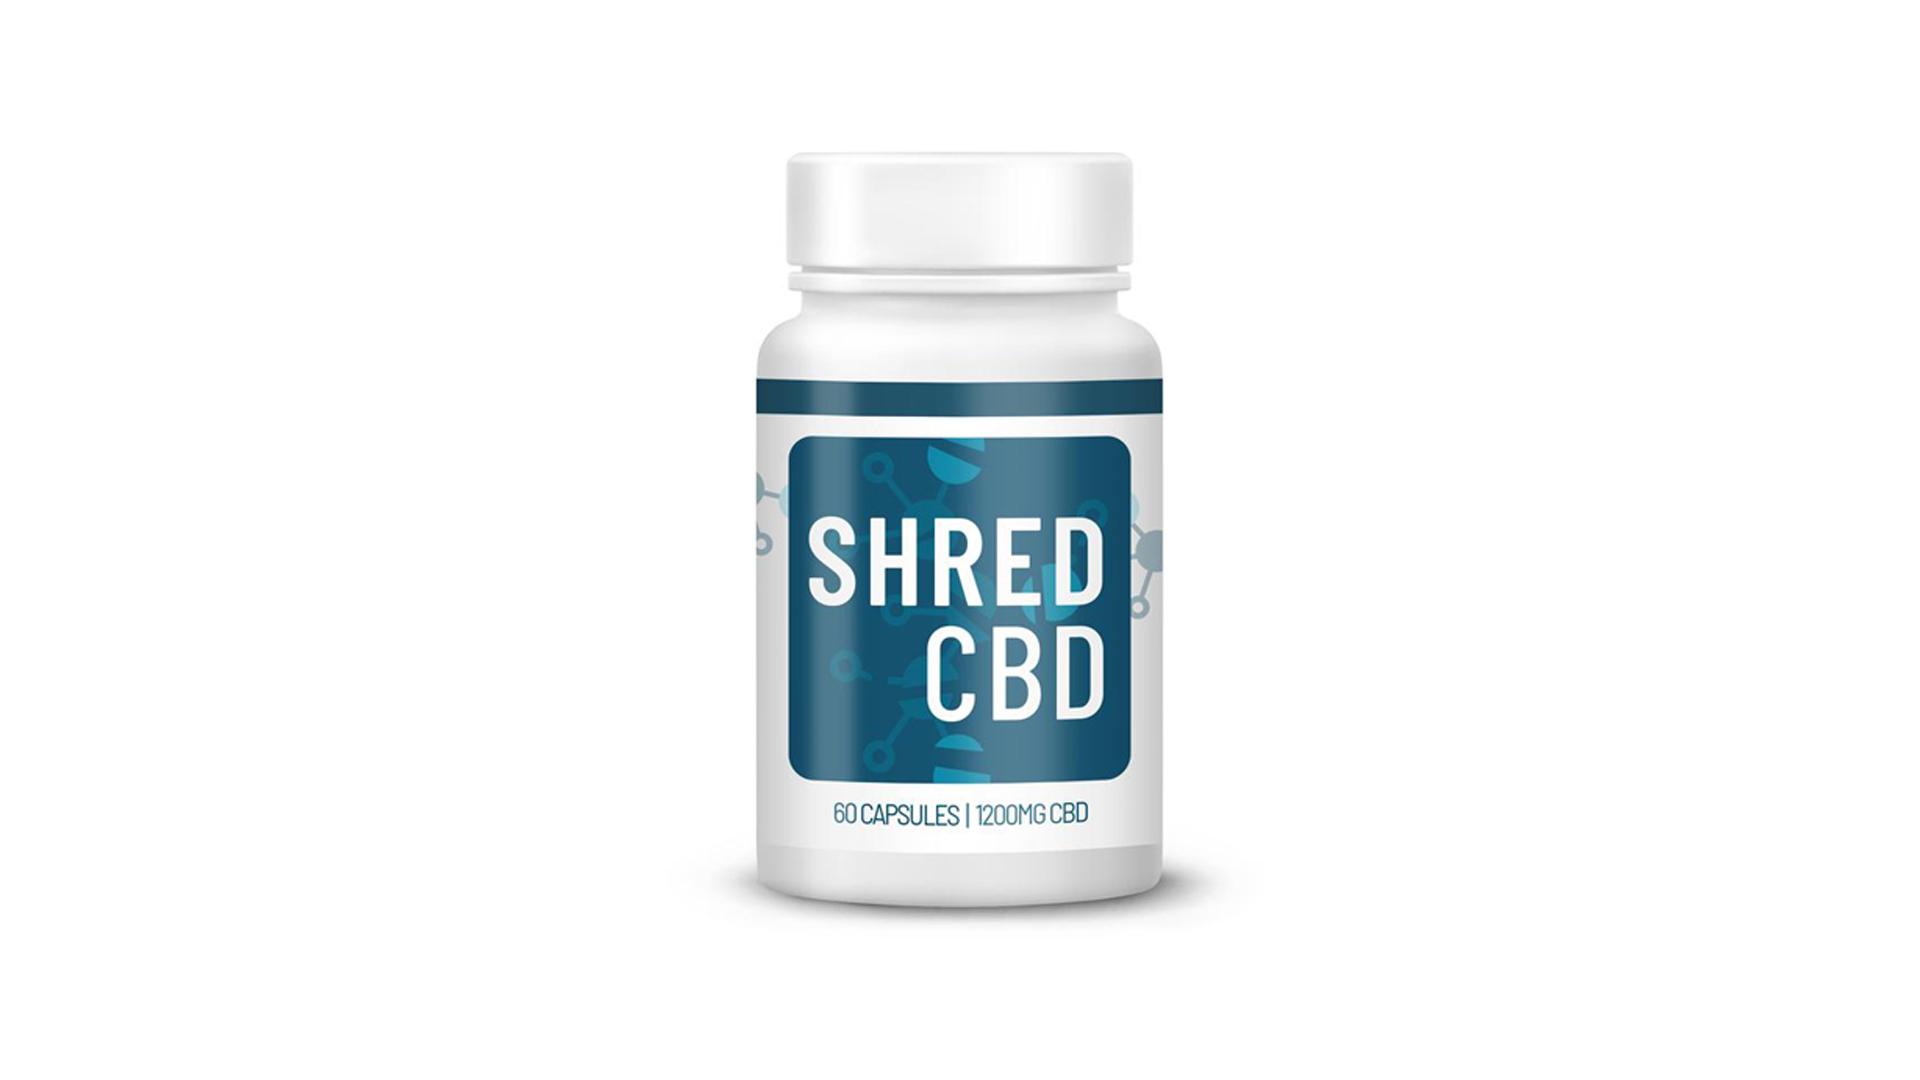 Shred CBD fat burner